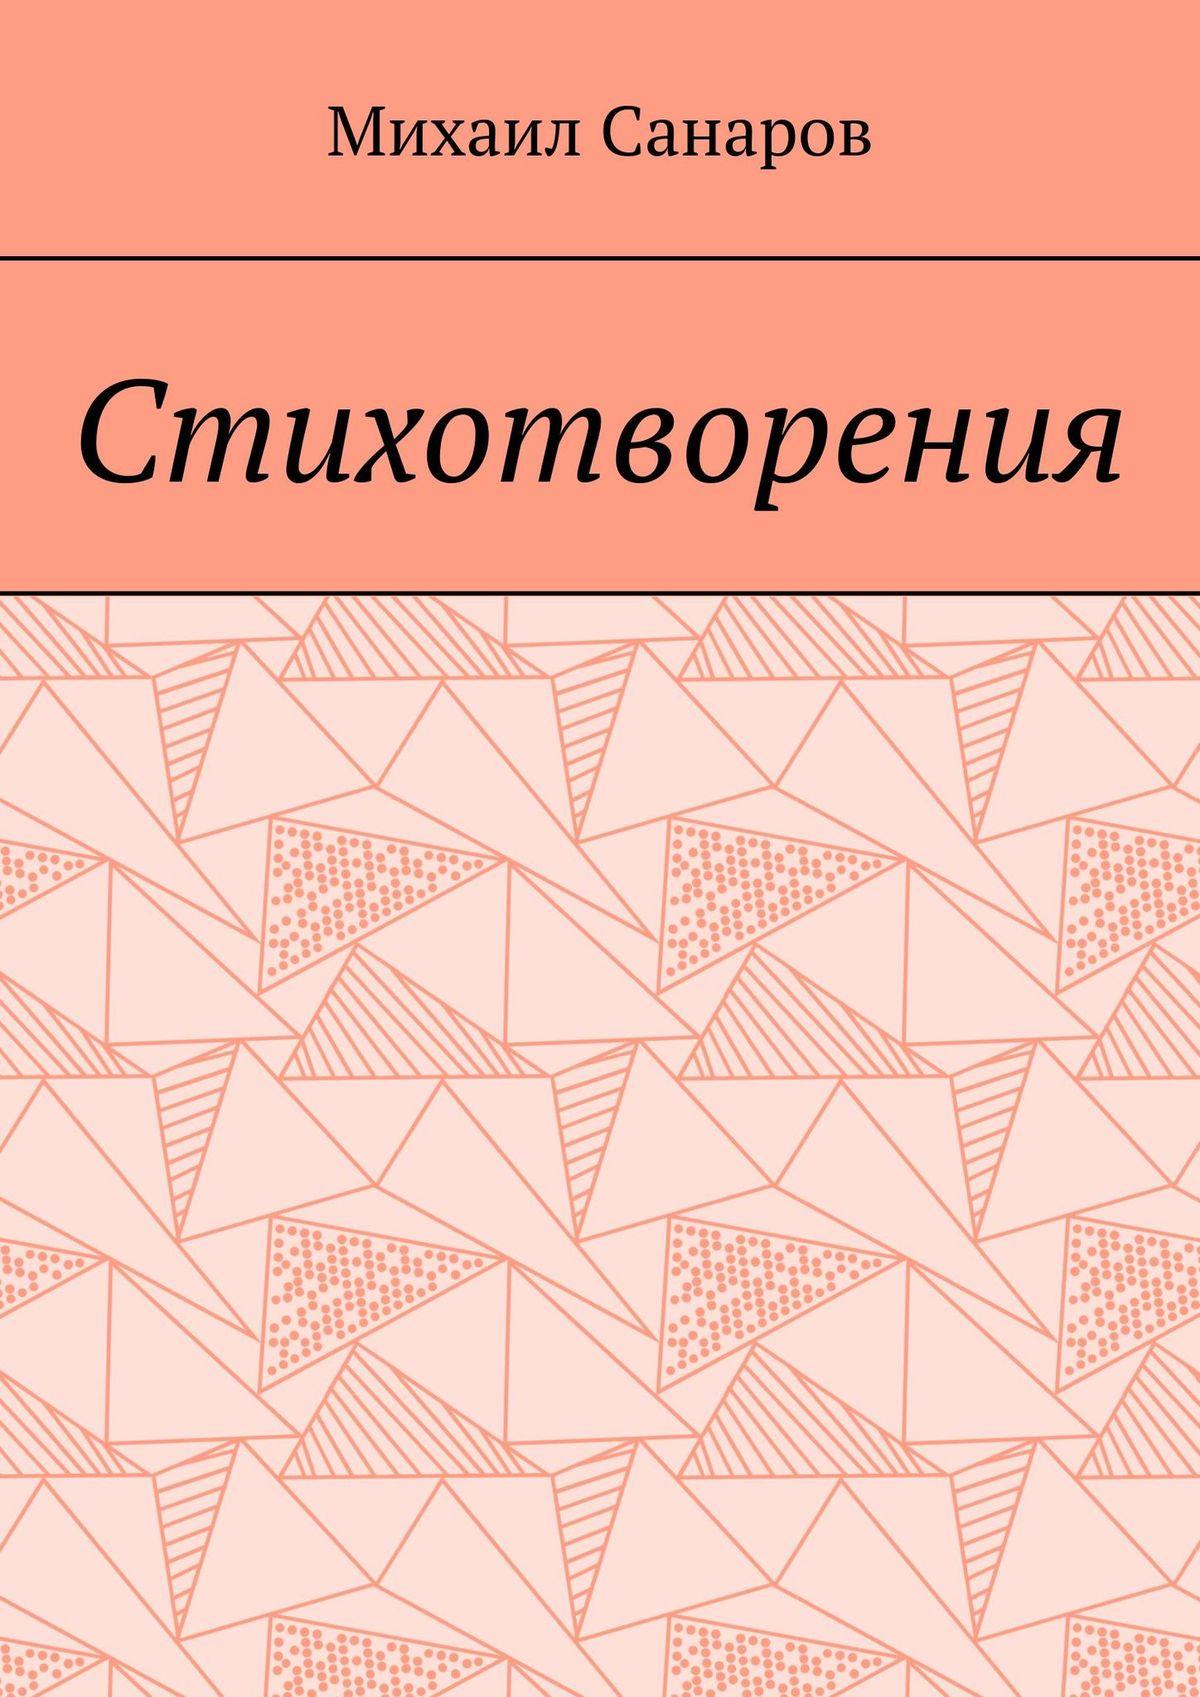 Михаил Санаров Стихотворения михаил верцелиус стихотворения